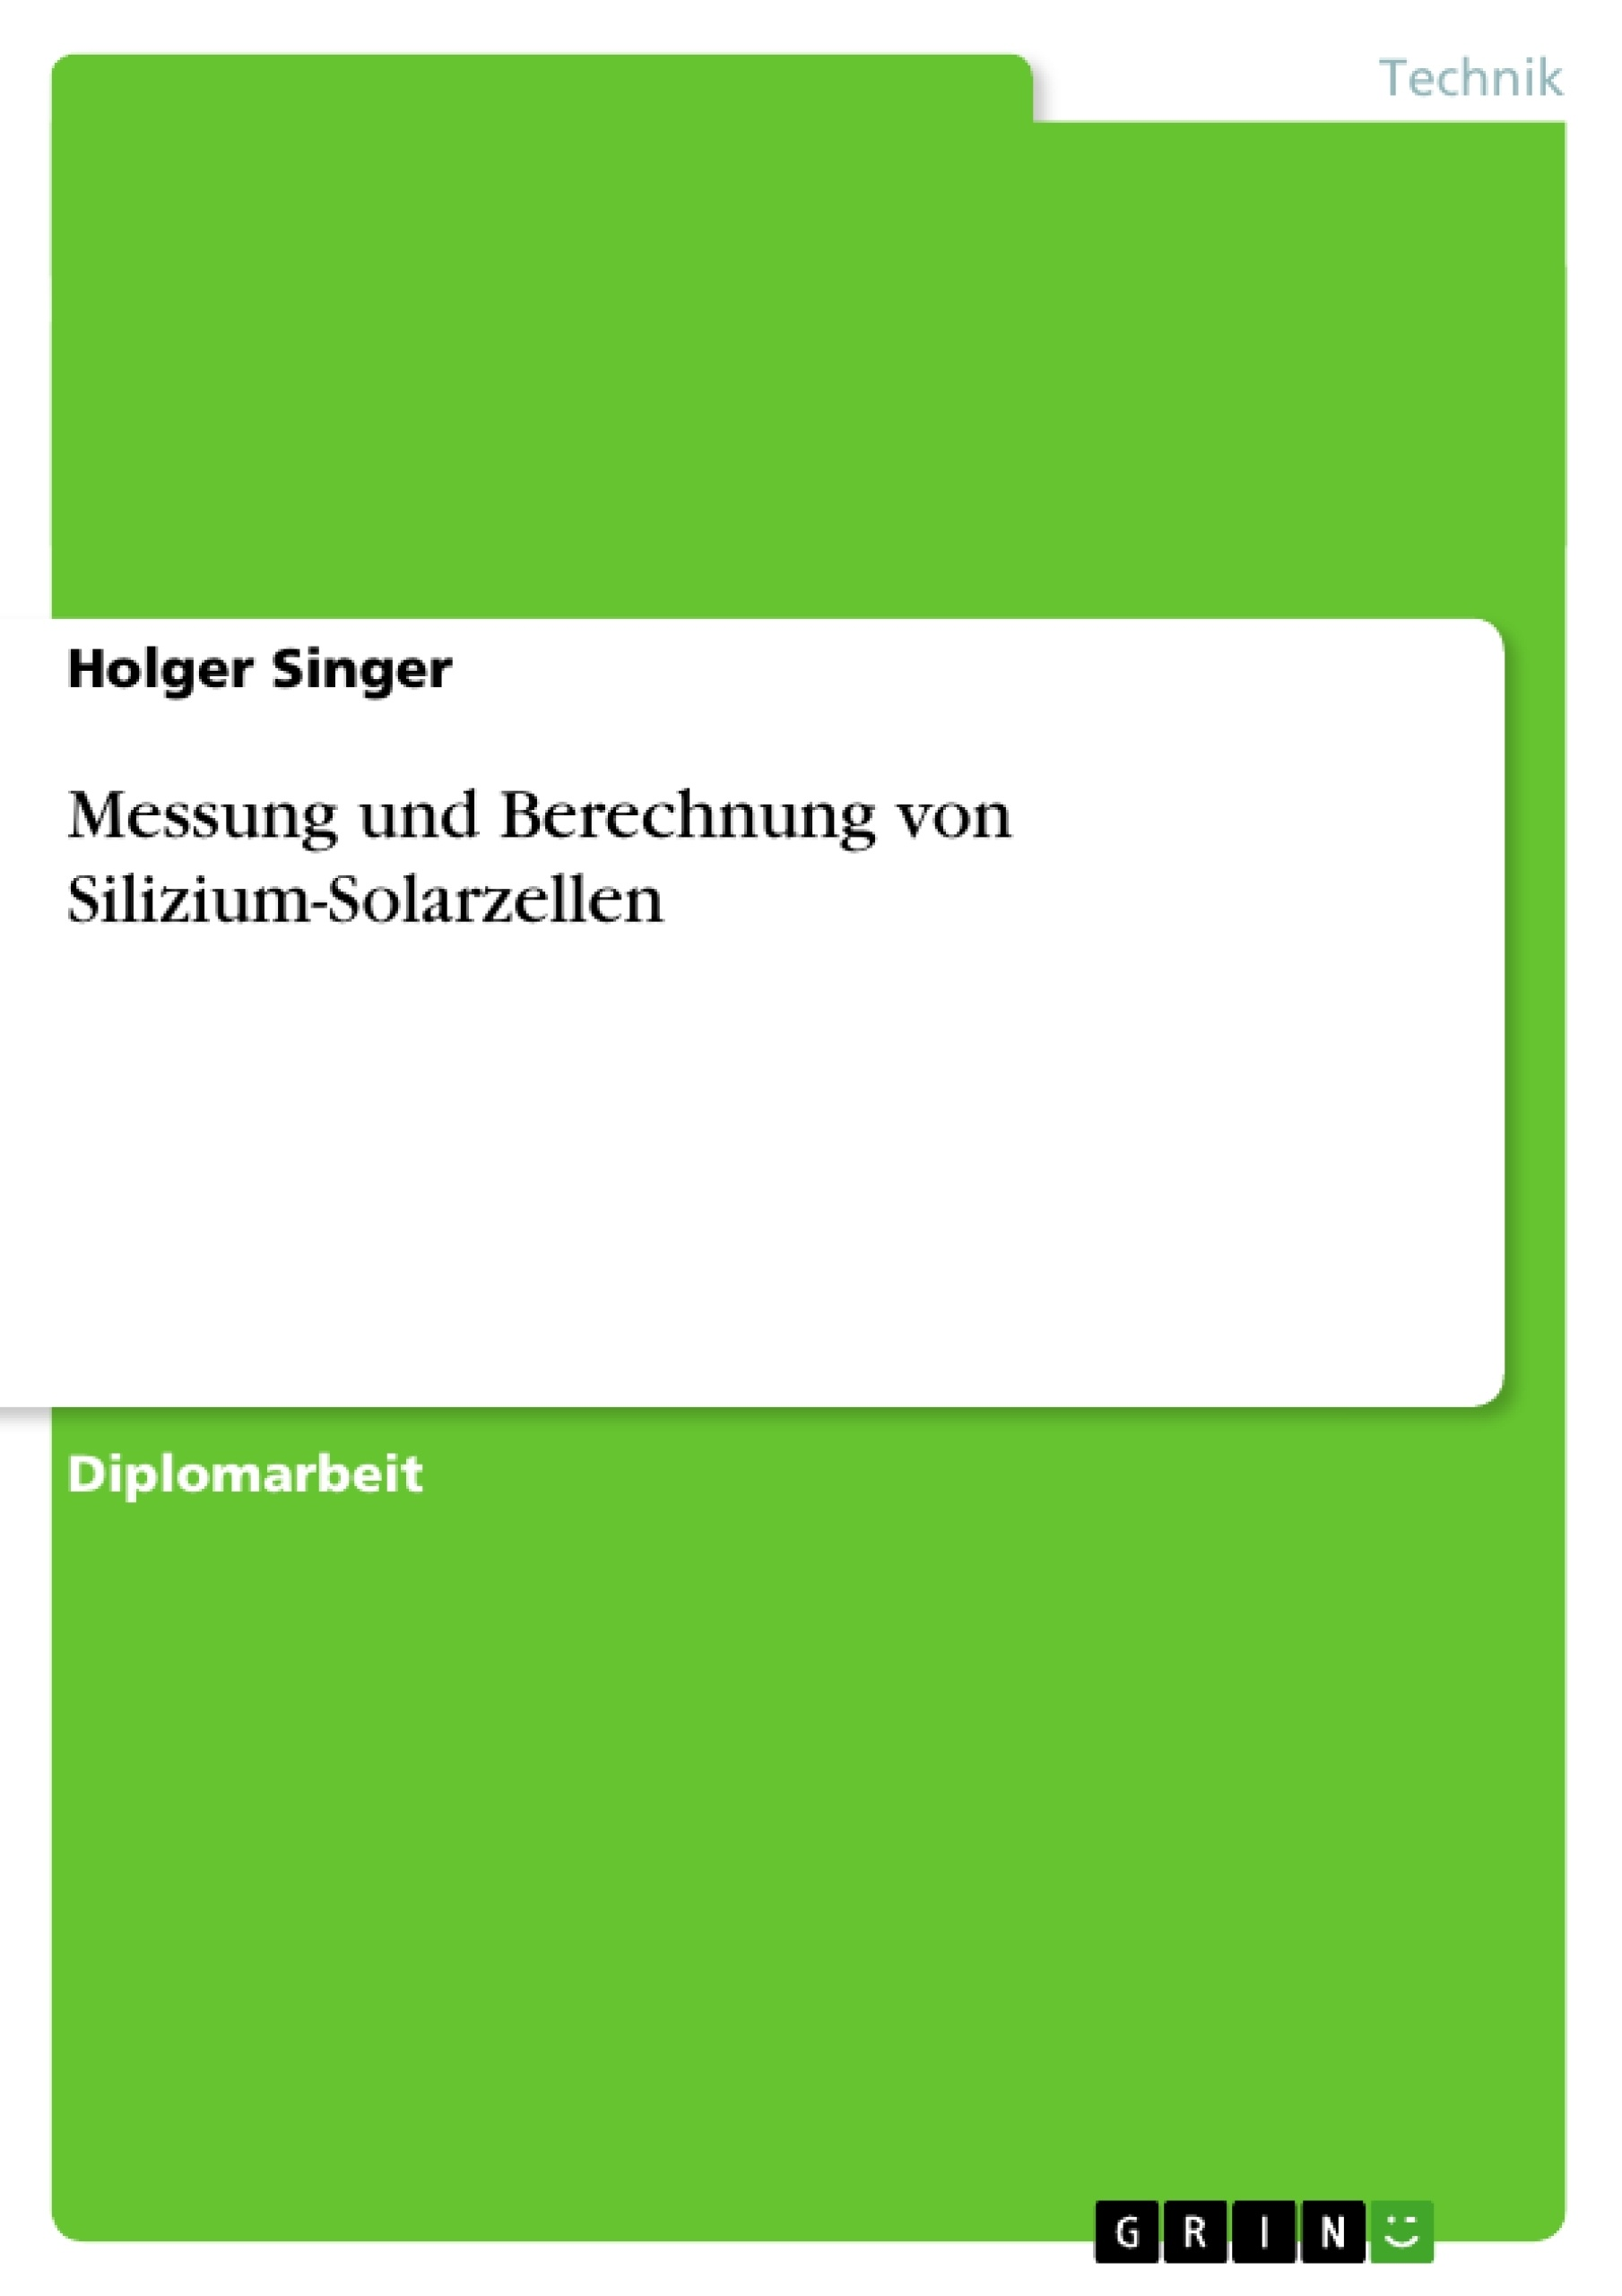 Titel: Messung und Berechnung von Silizium-Solarzellen